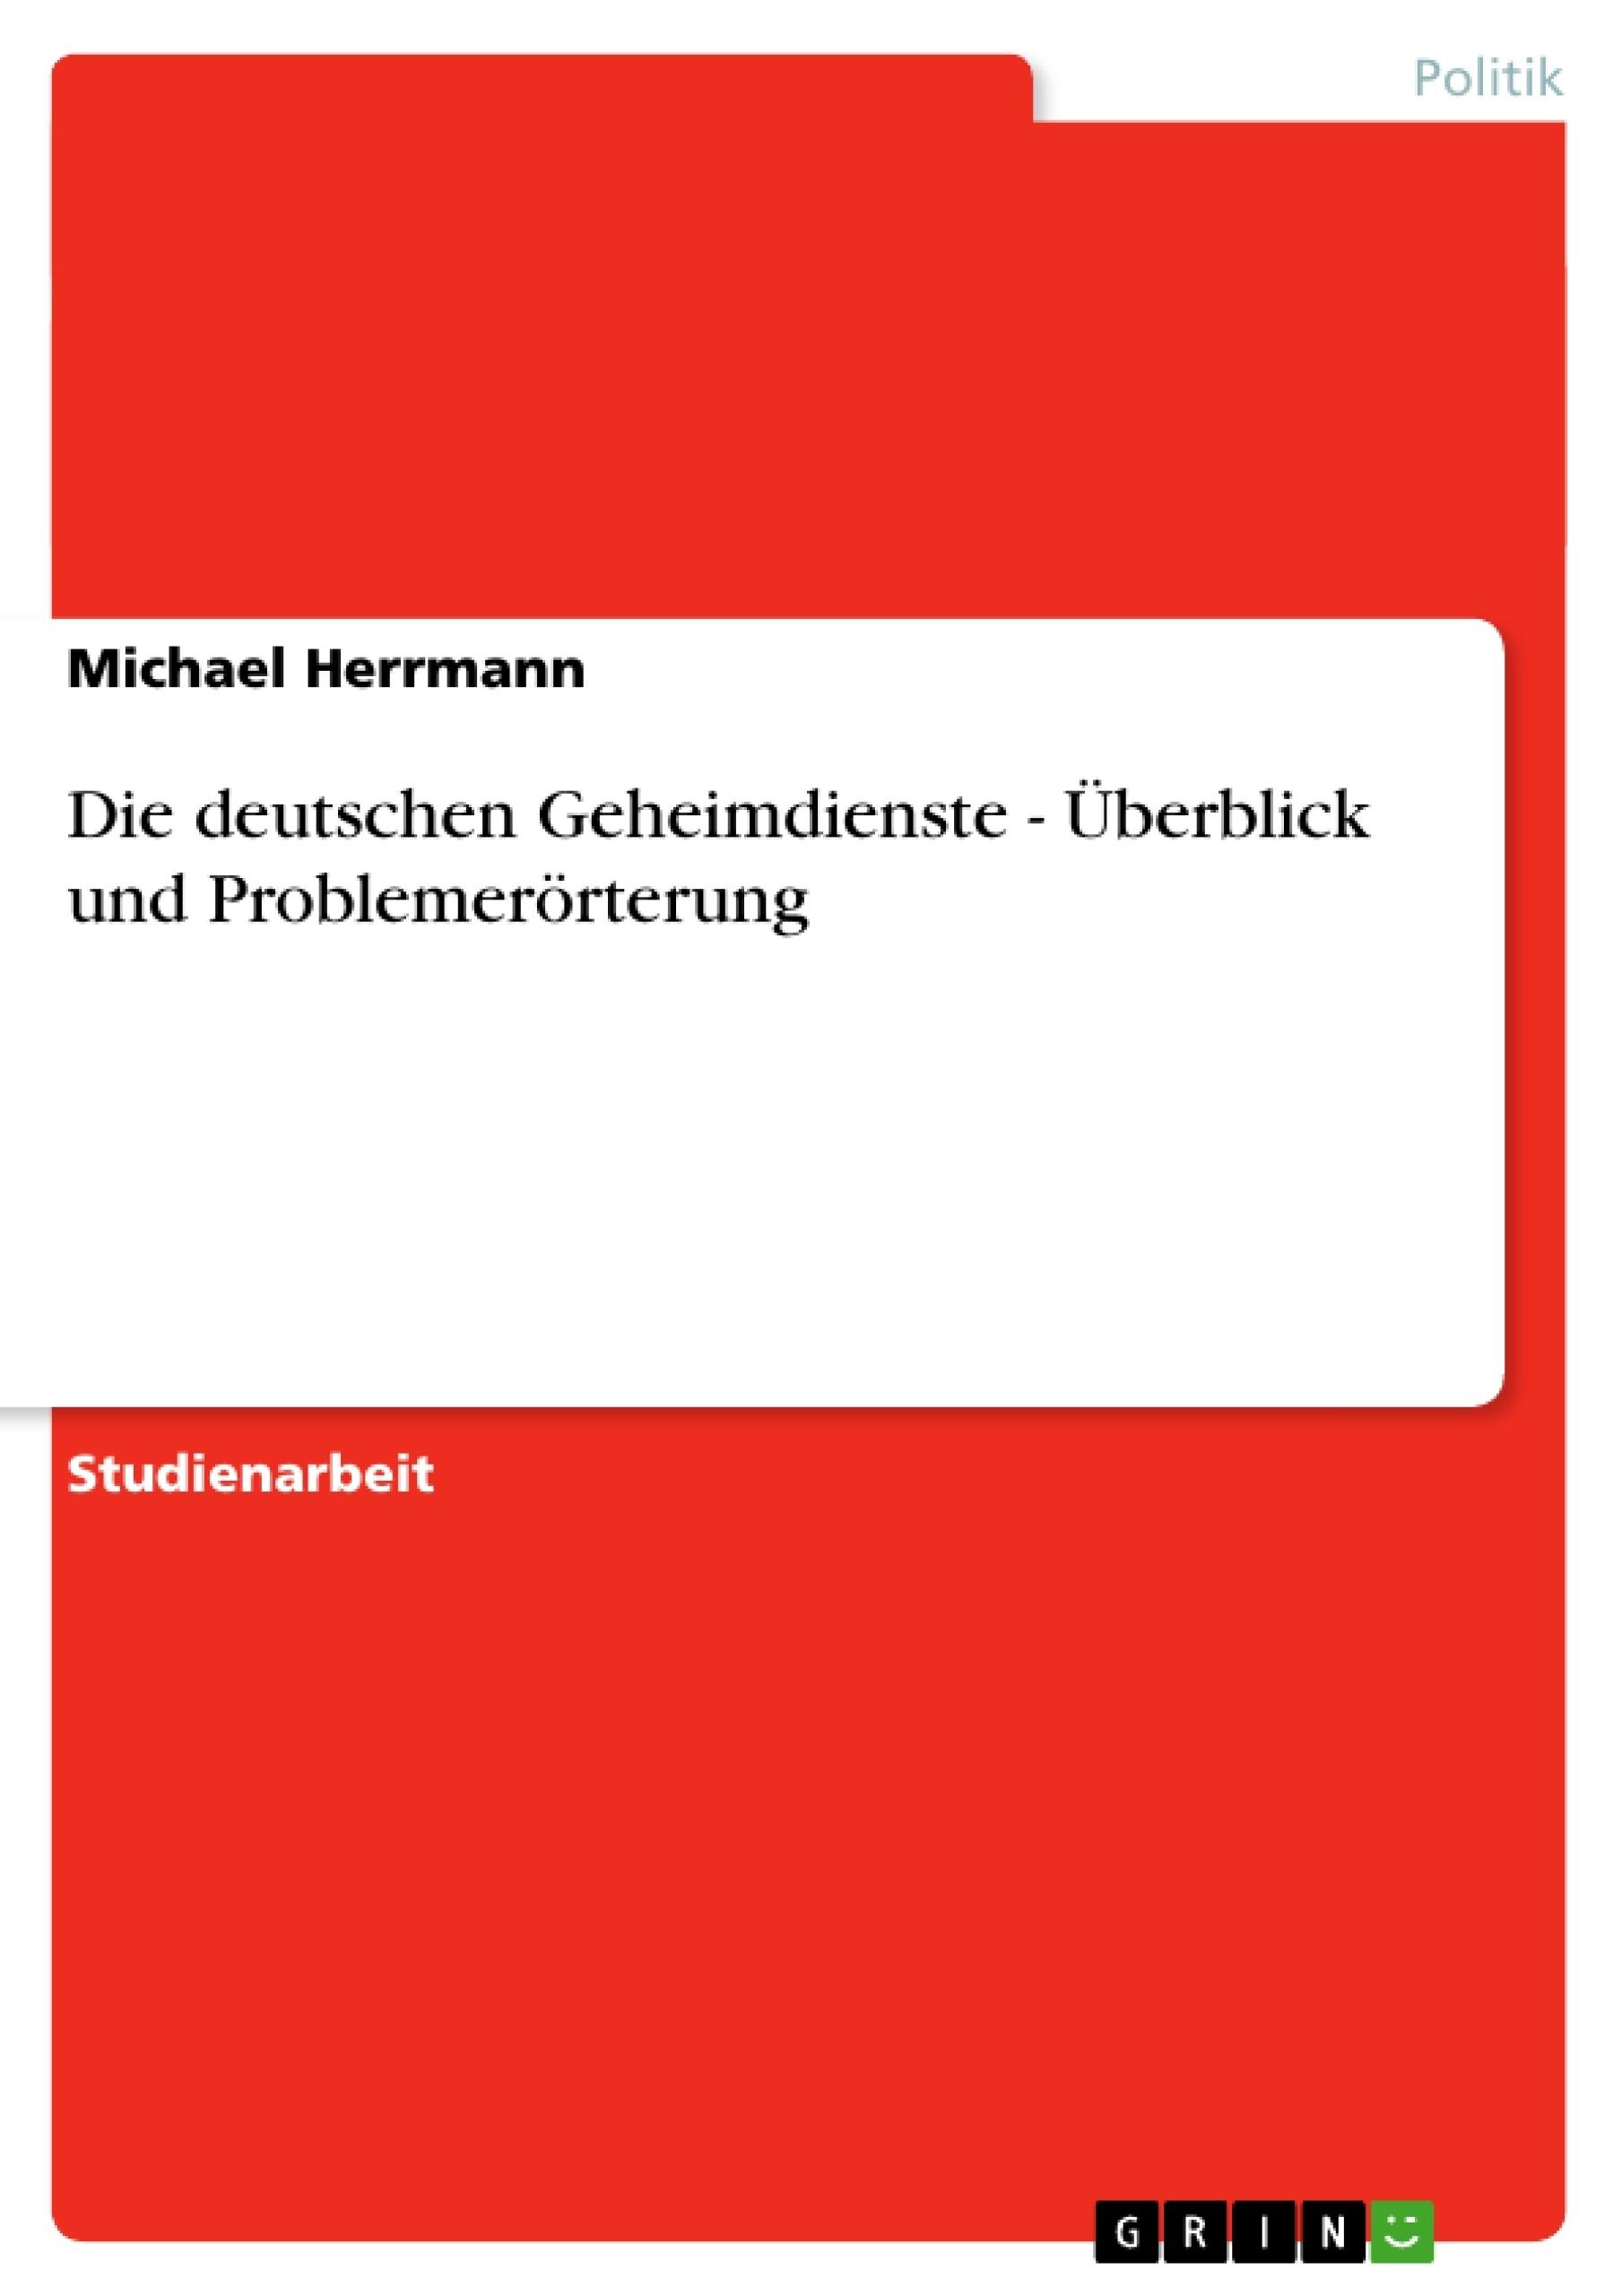 Titel: Die deutschen Geheimdienste - Überblick und Problemerörterung